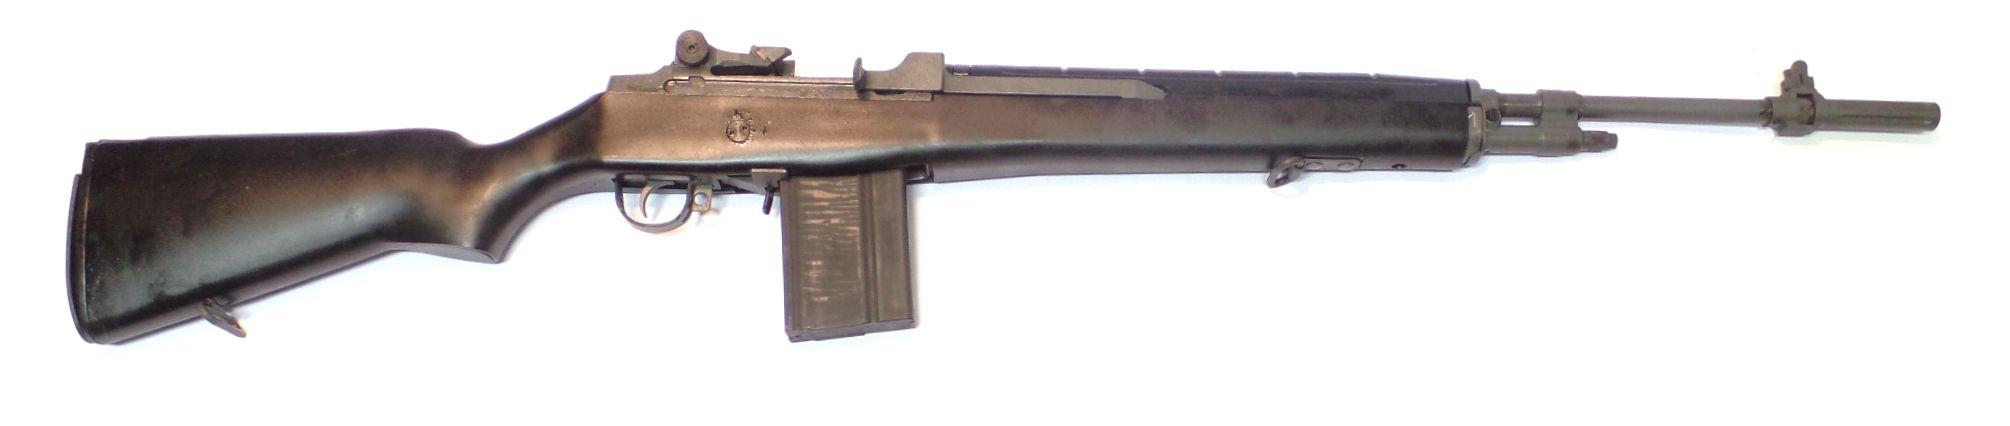 Norinco M14 calibre .308Winchester